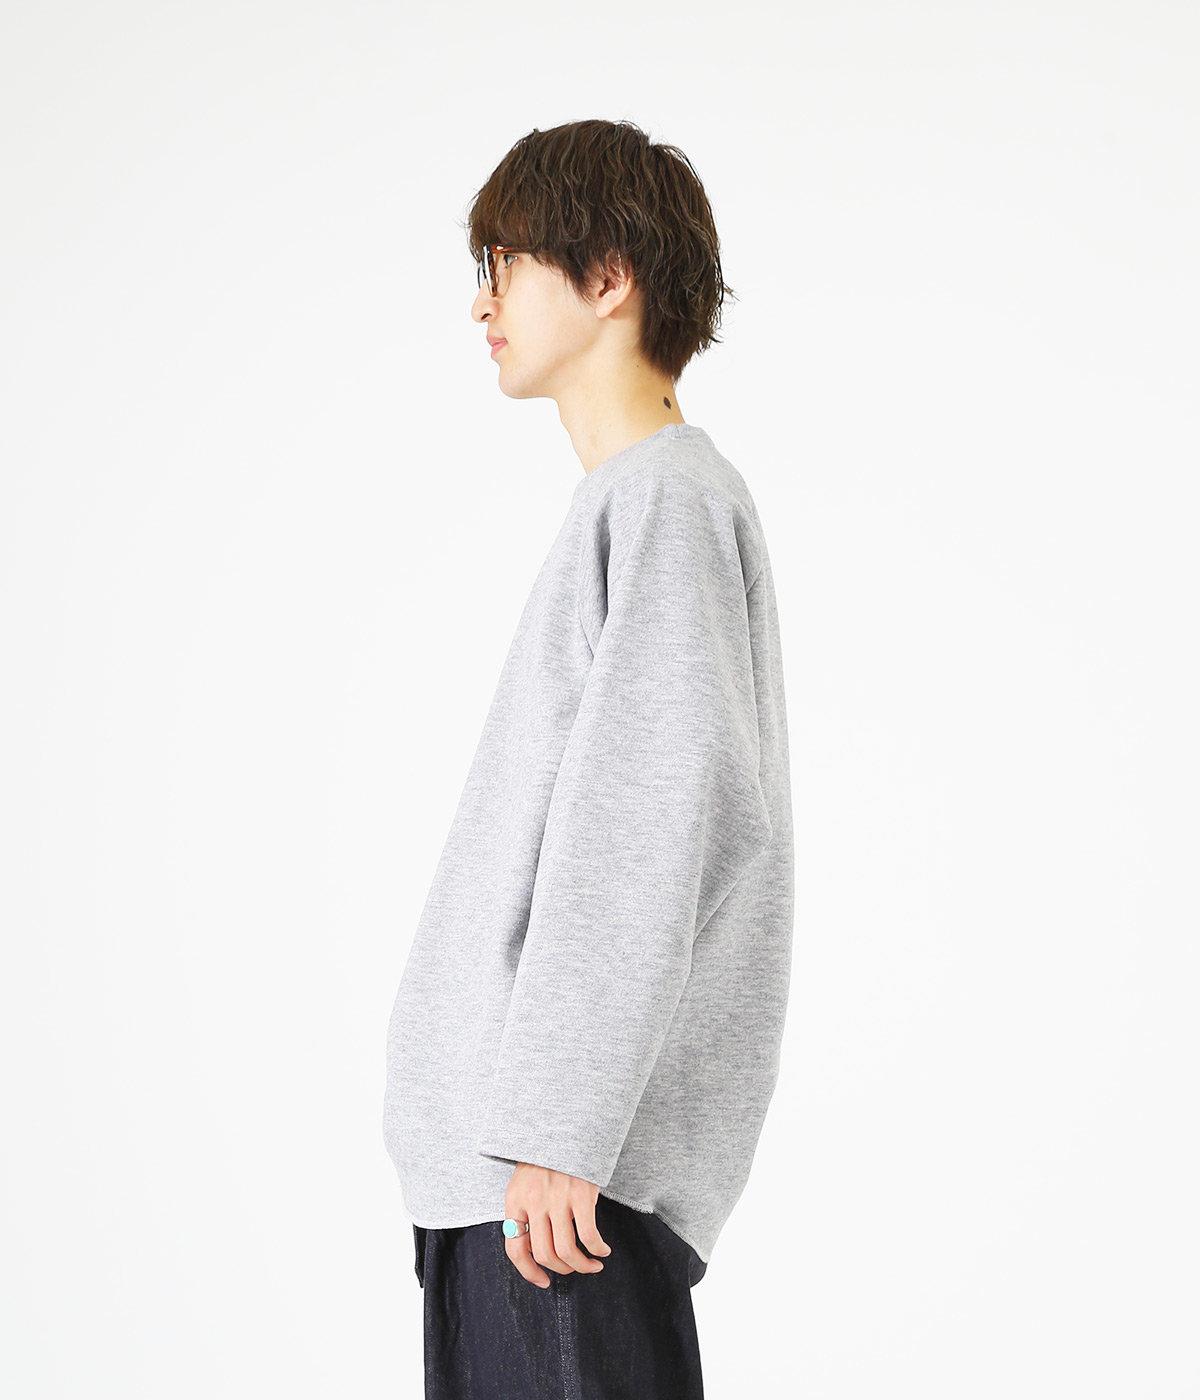 【グレイ】KANZAWA ( 181㎝/60㎏ )